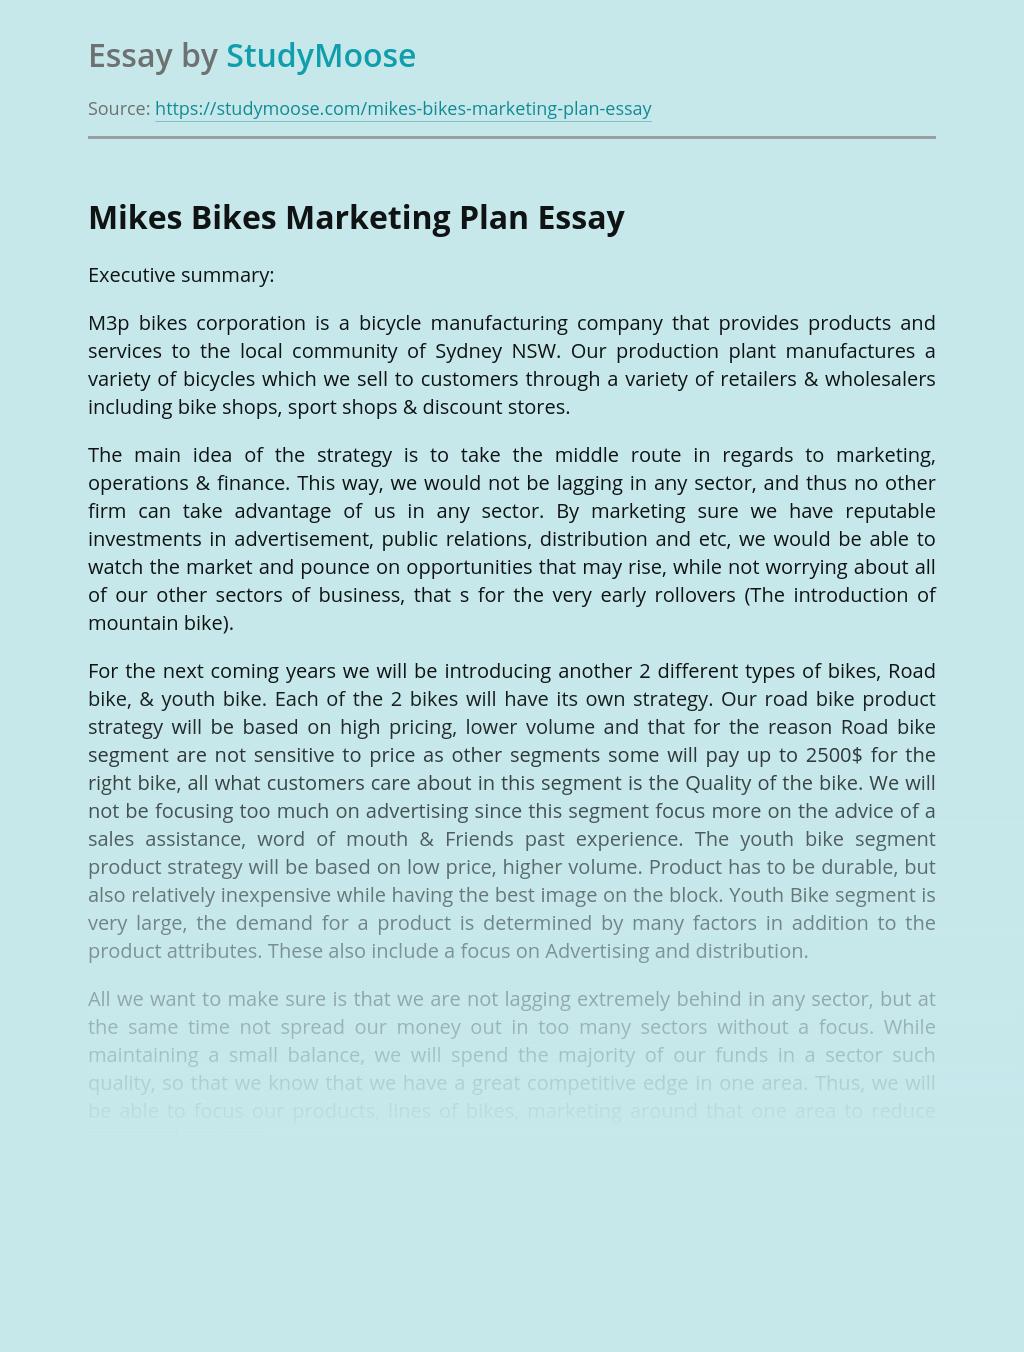 Mikes Bikes Marketing Plan